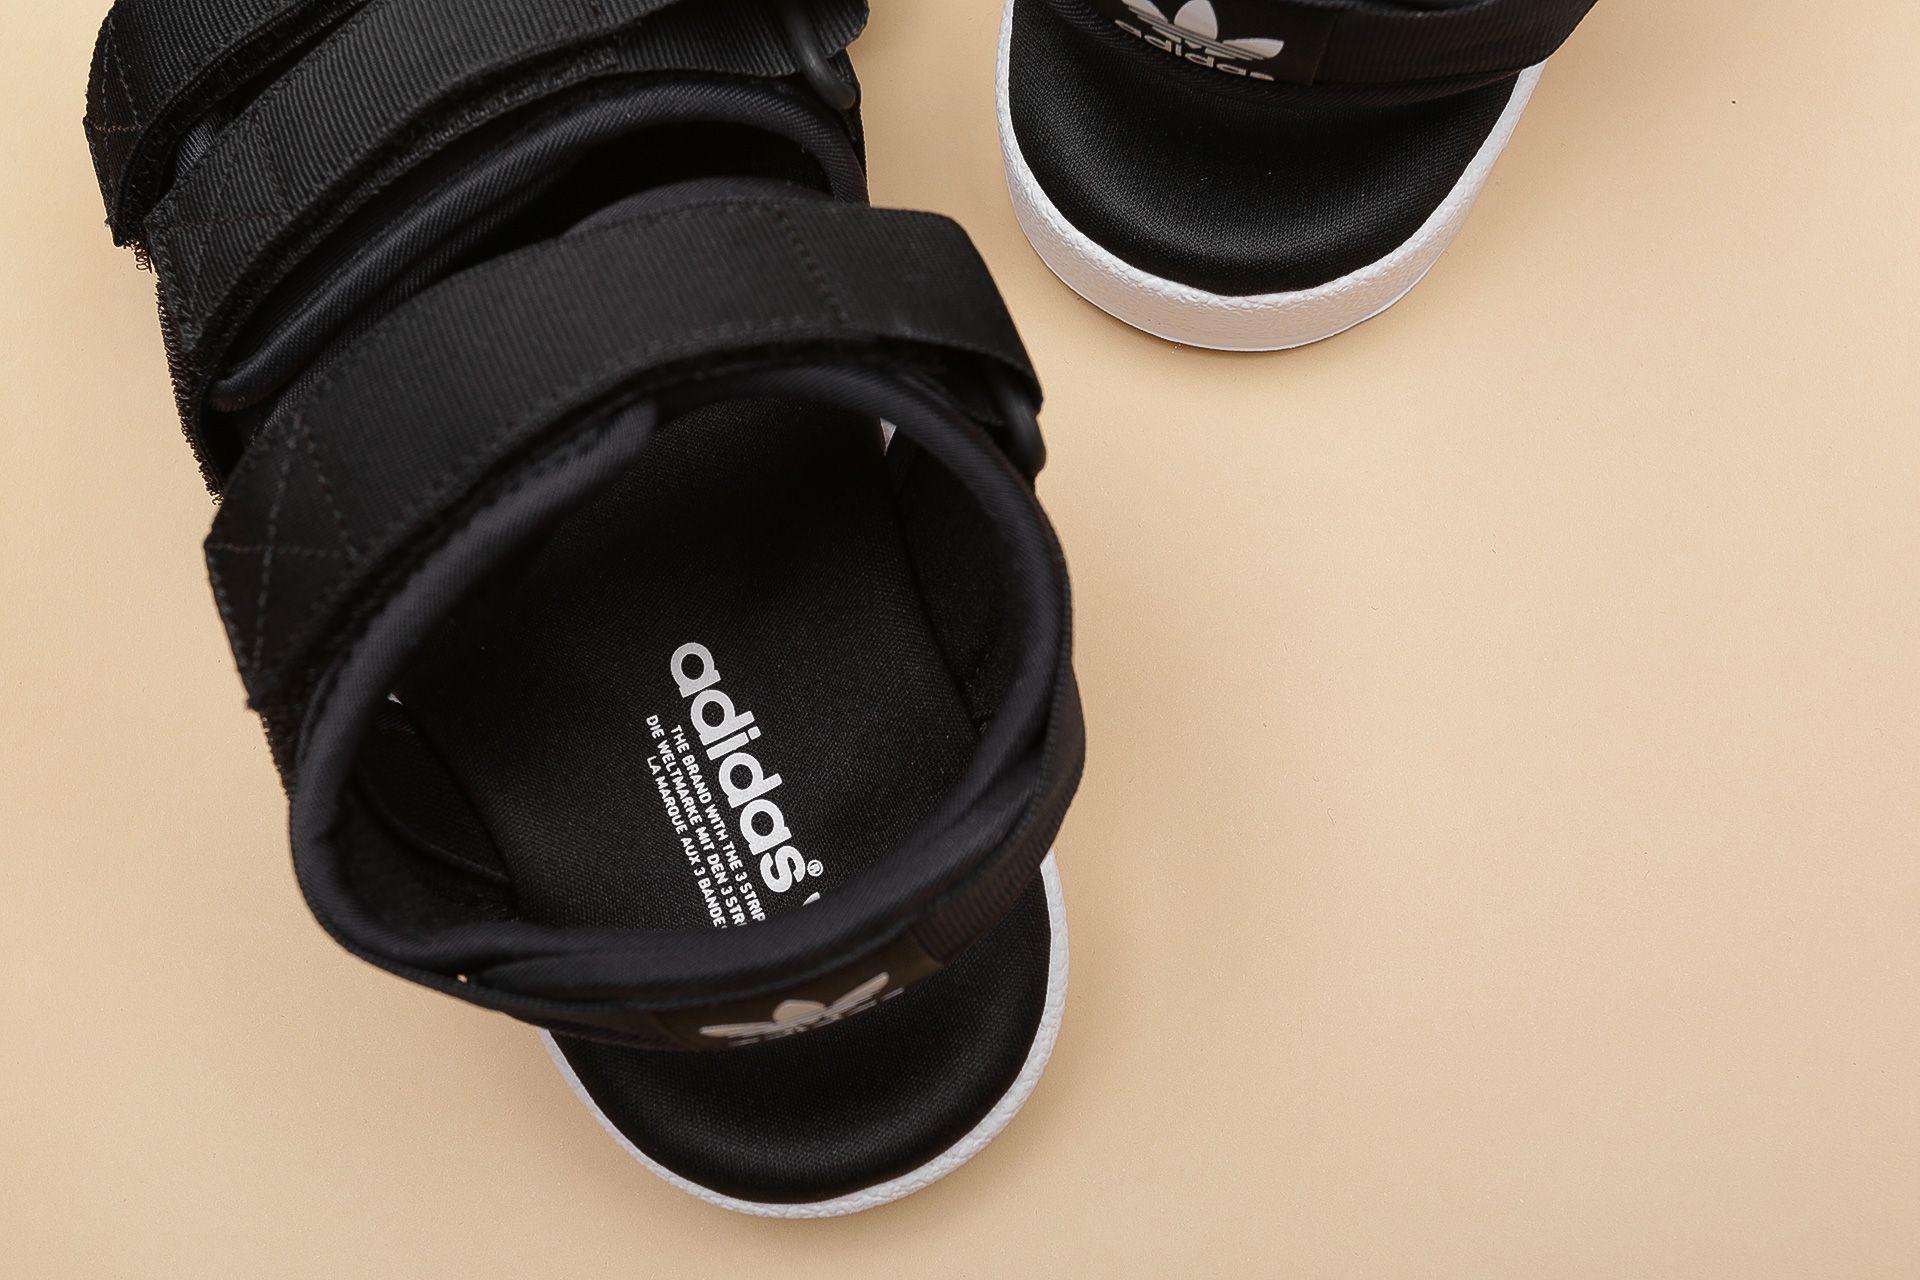 2cbd54f1b ... Купить женские черные сандали adidas Originals Adilette Sandal W - фото  3 картинки ...